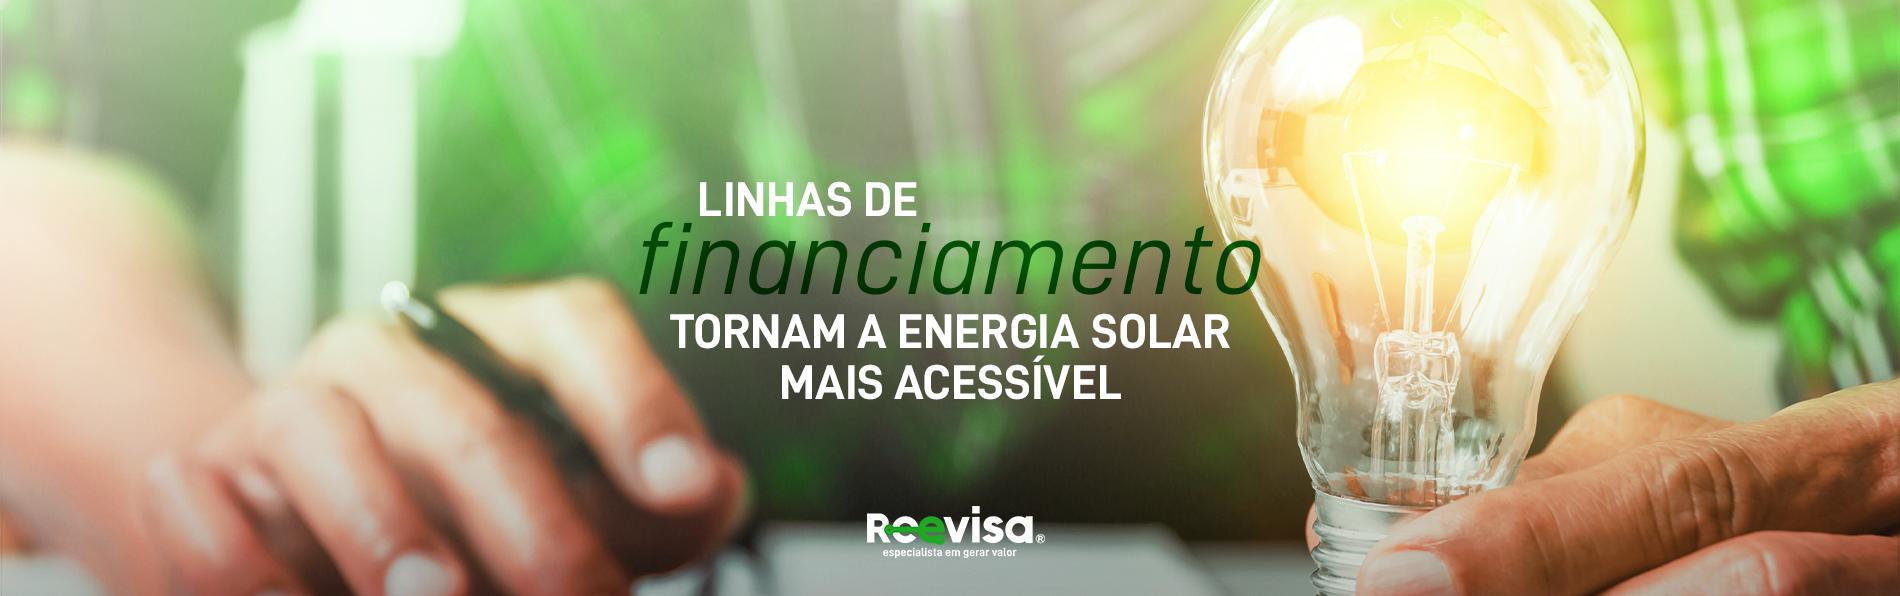 Energia solar: conheça as linhas de financiamento acessíveis